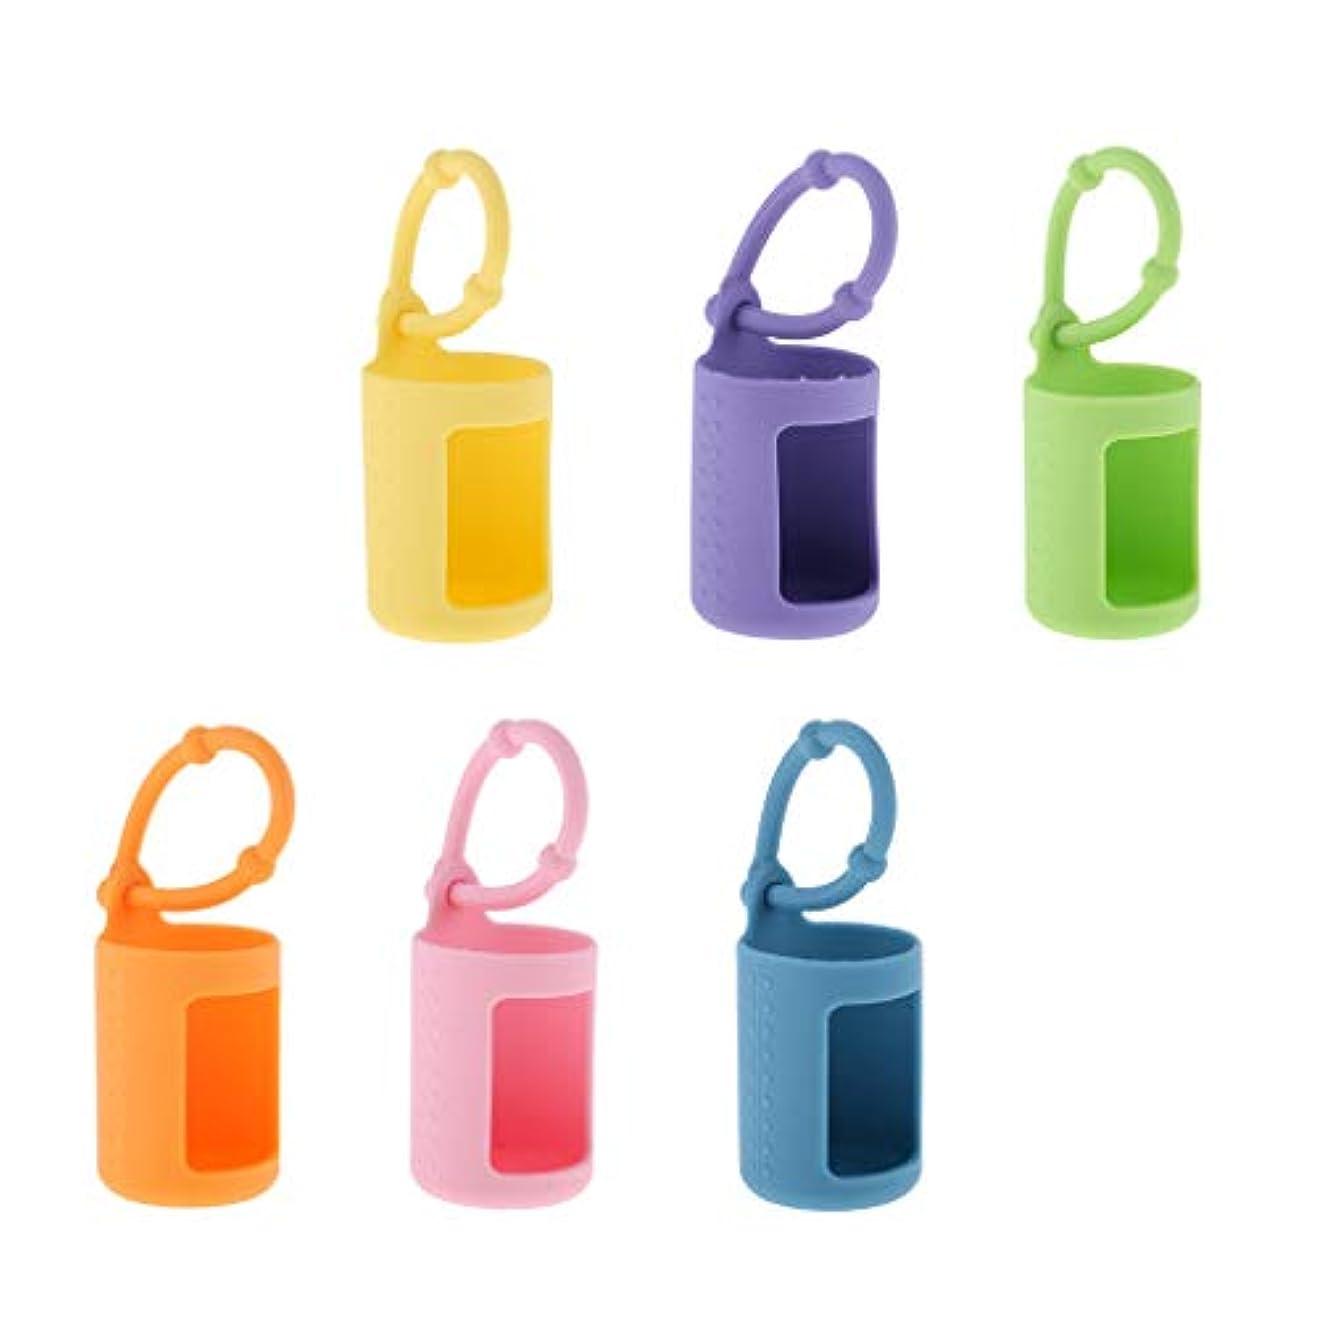 思春期の制限された慣れている6個入 エッセンシャルオイルケース 精油瓶ホルダー シリコン 香水ボトル 15ミリ カバー 吊り掛け